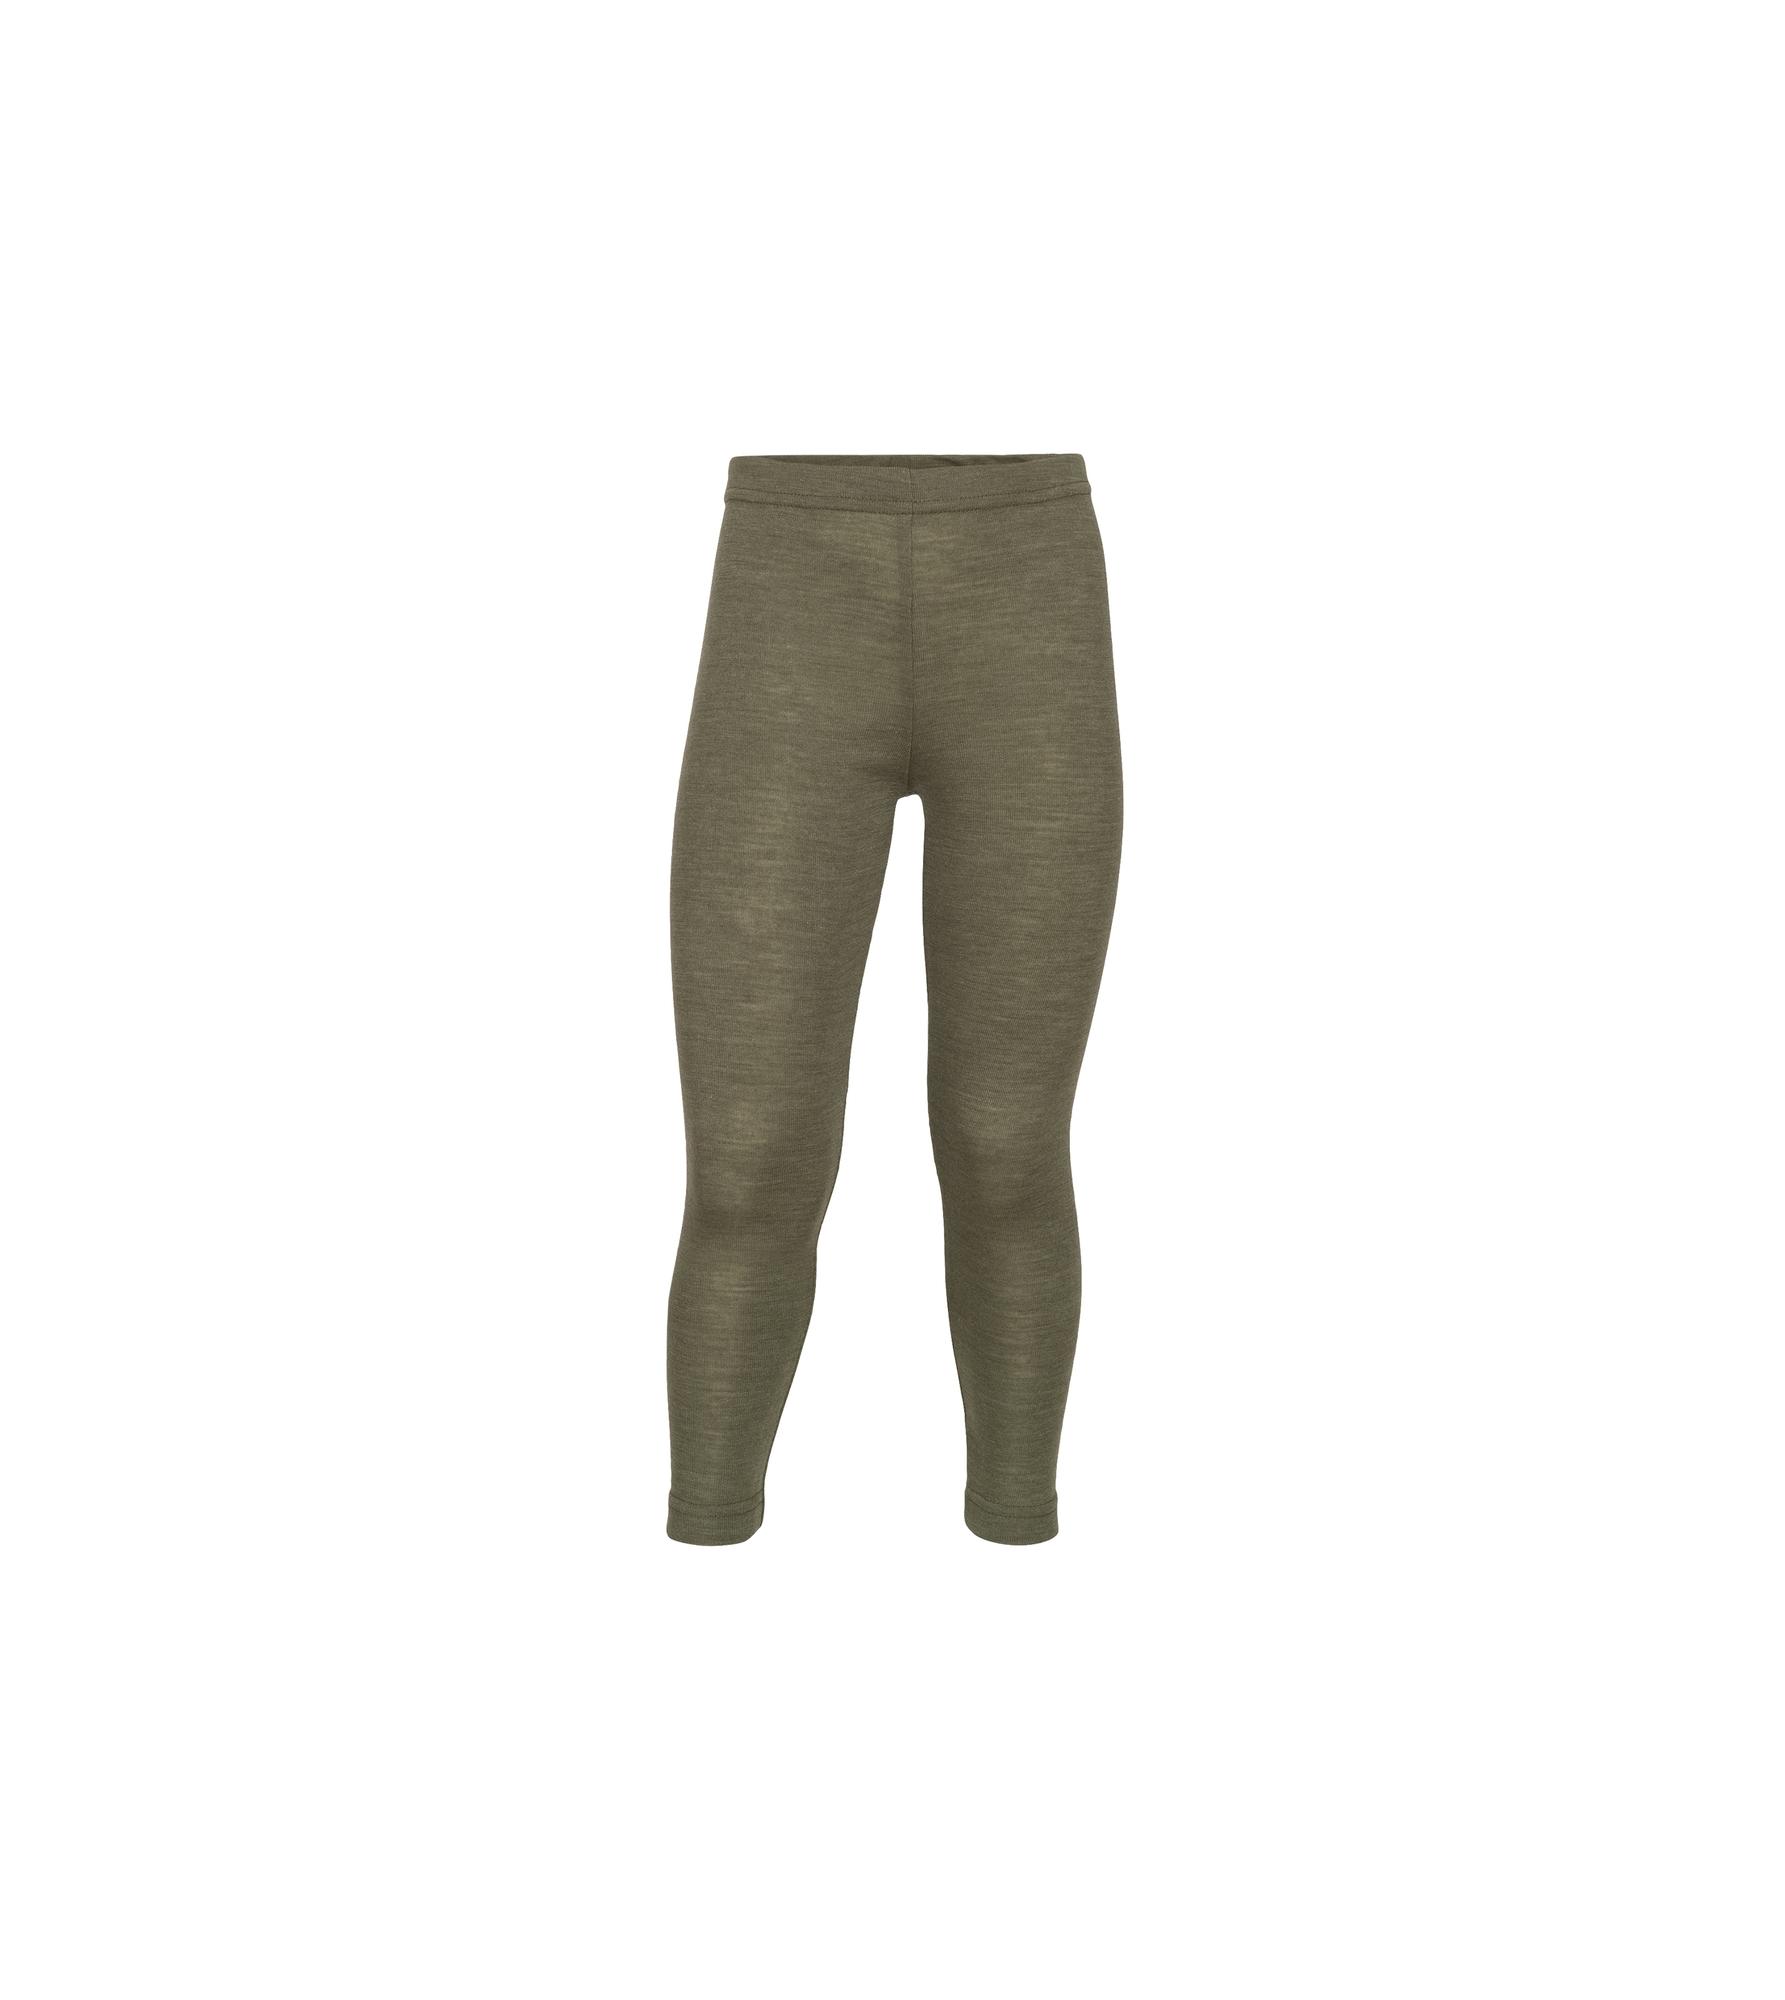 1-70-4500-kinder-leggings-43e-olive-704500_43e.jpg